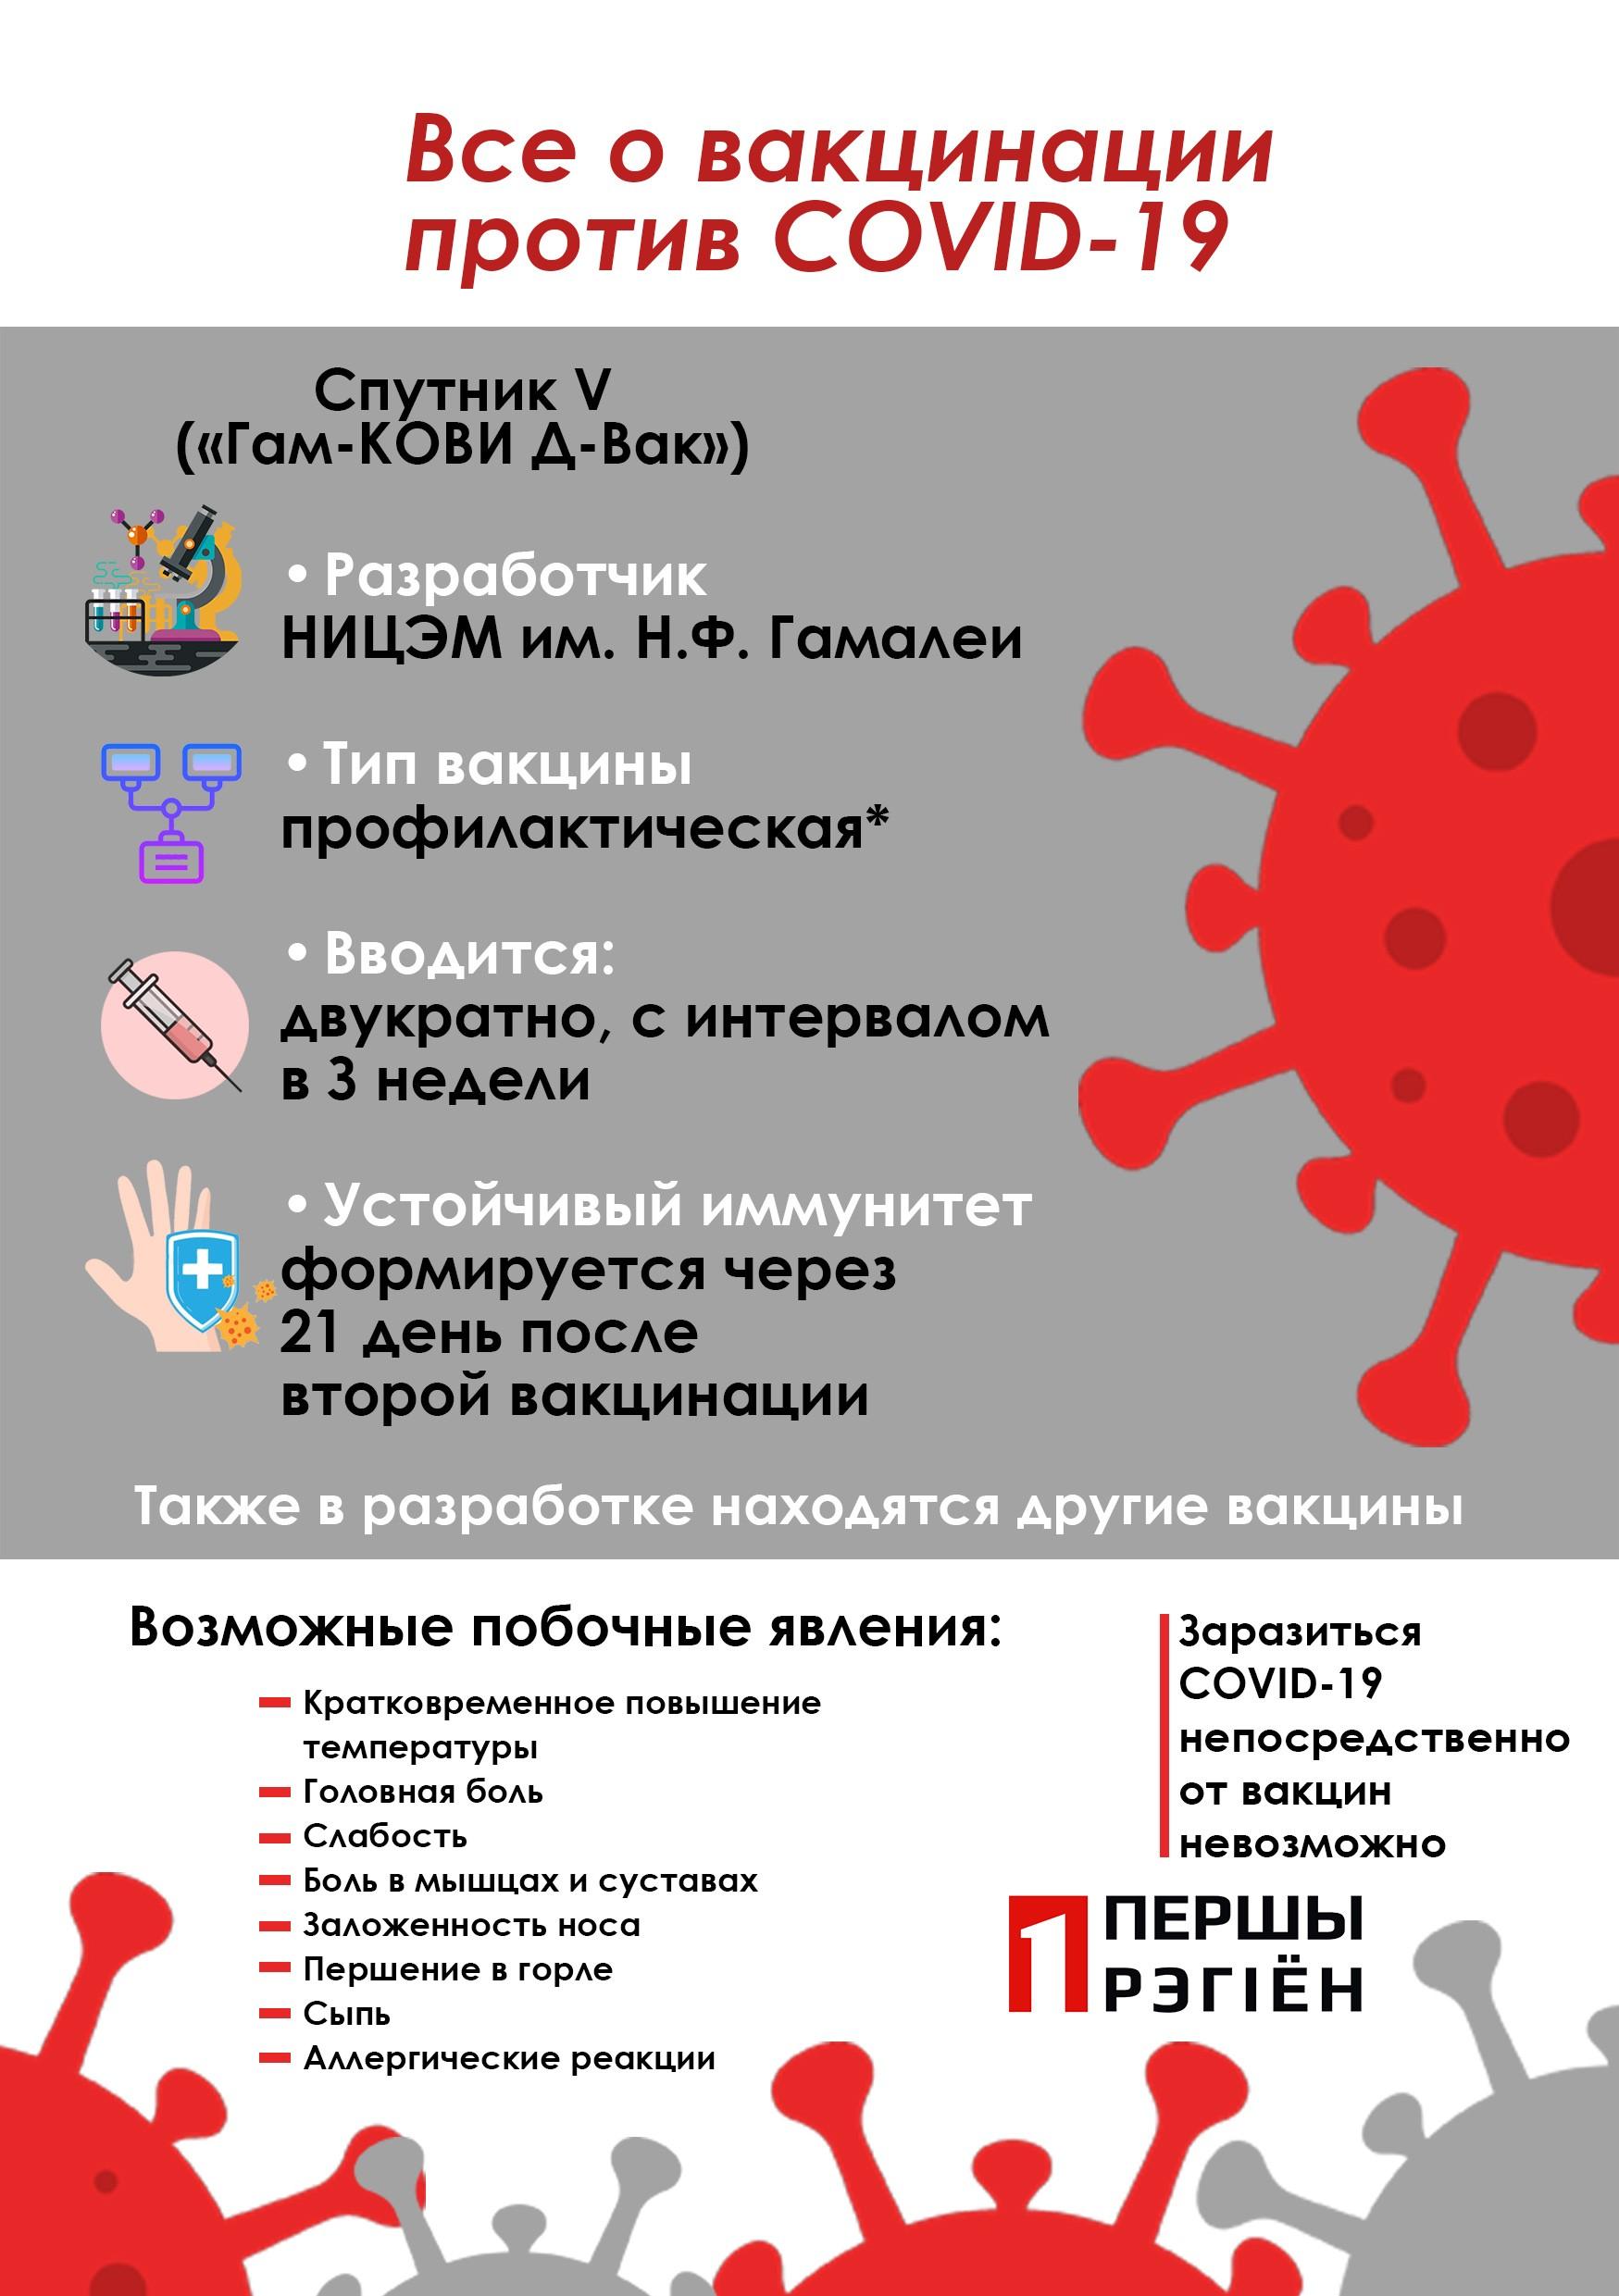 Что нужно знать о вакцинации Спутником V